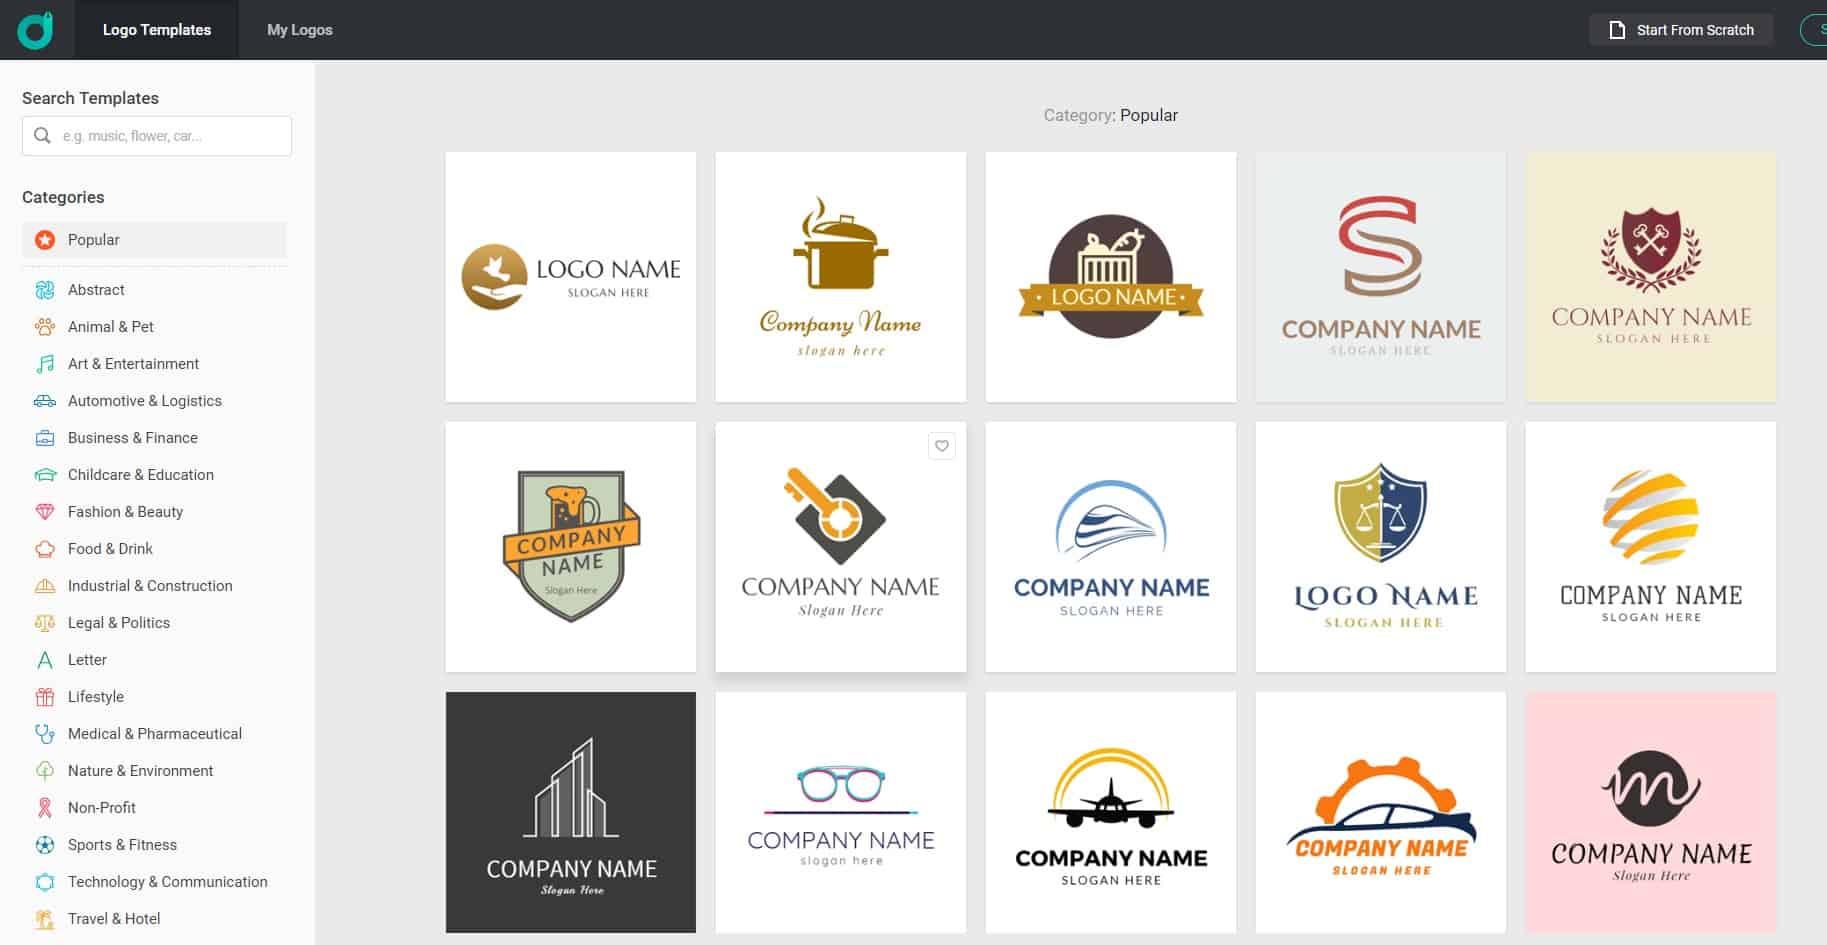 Πώς να δημιουργήσετε ένα λογότυπο με το DesignEvo